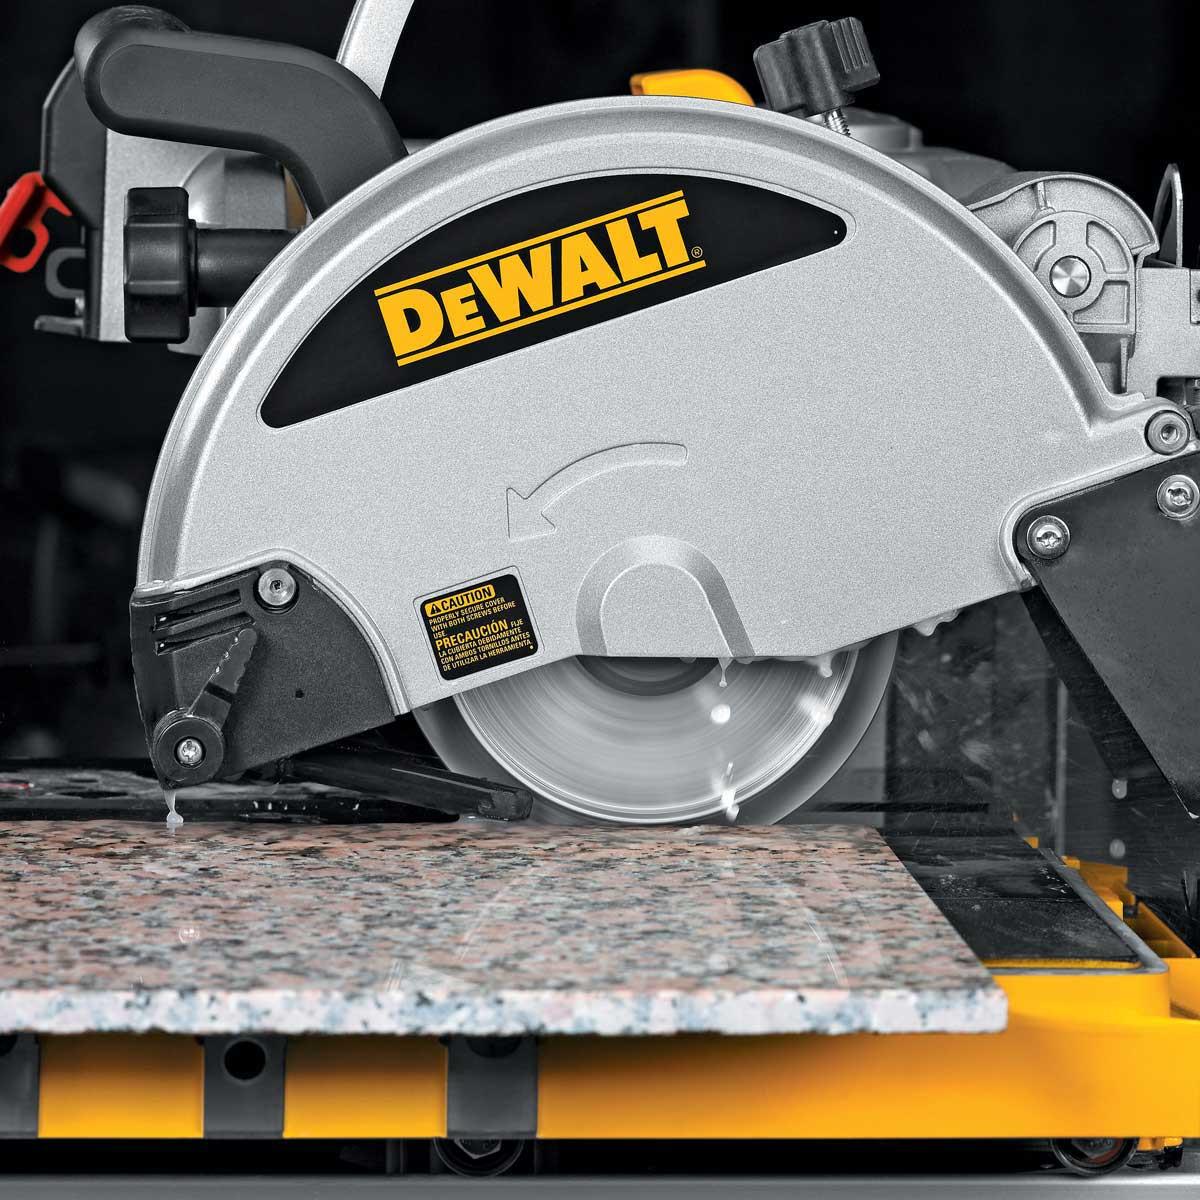 Dewalt Tile Saw cutting with profile wheel